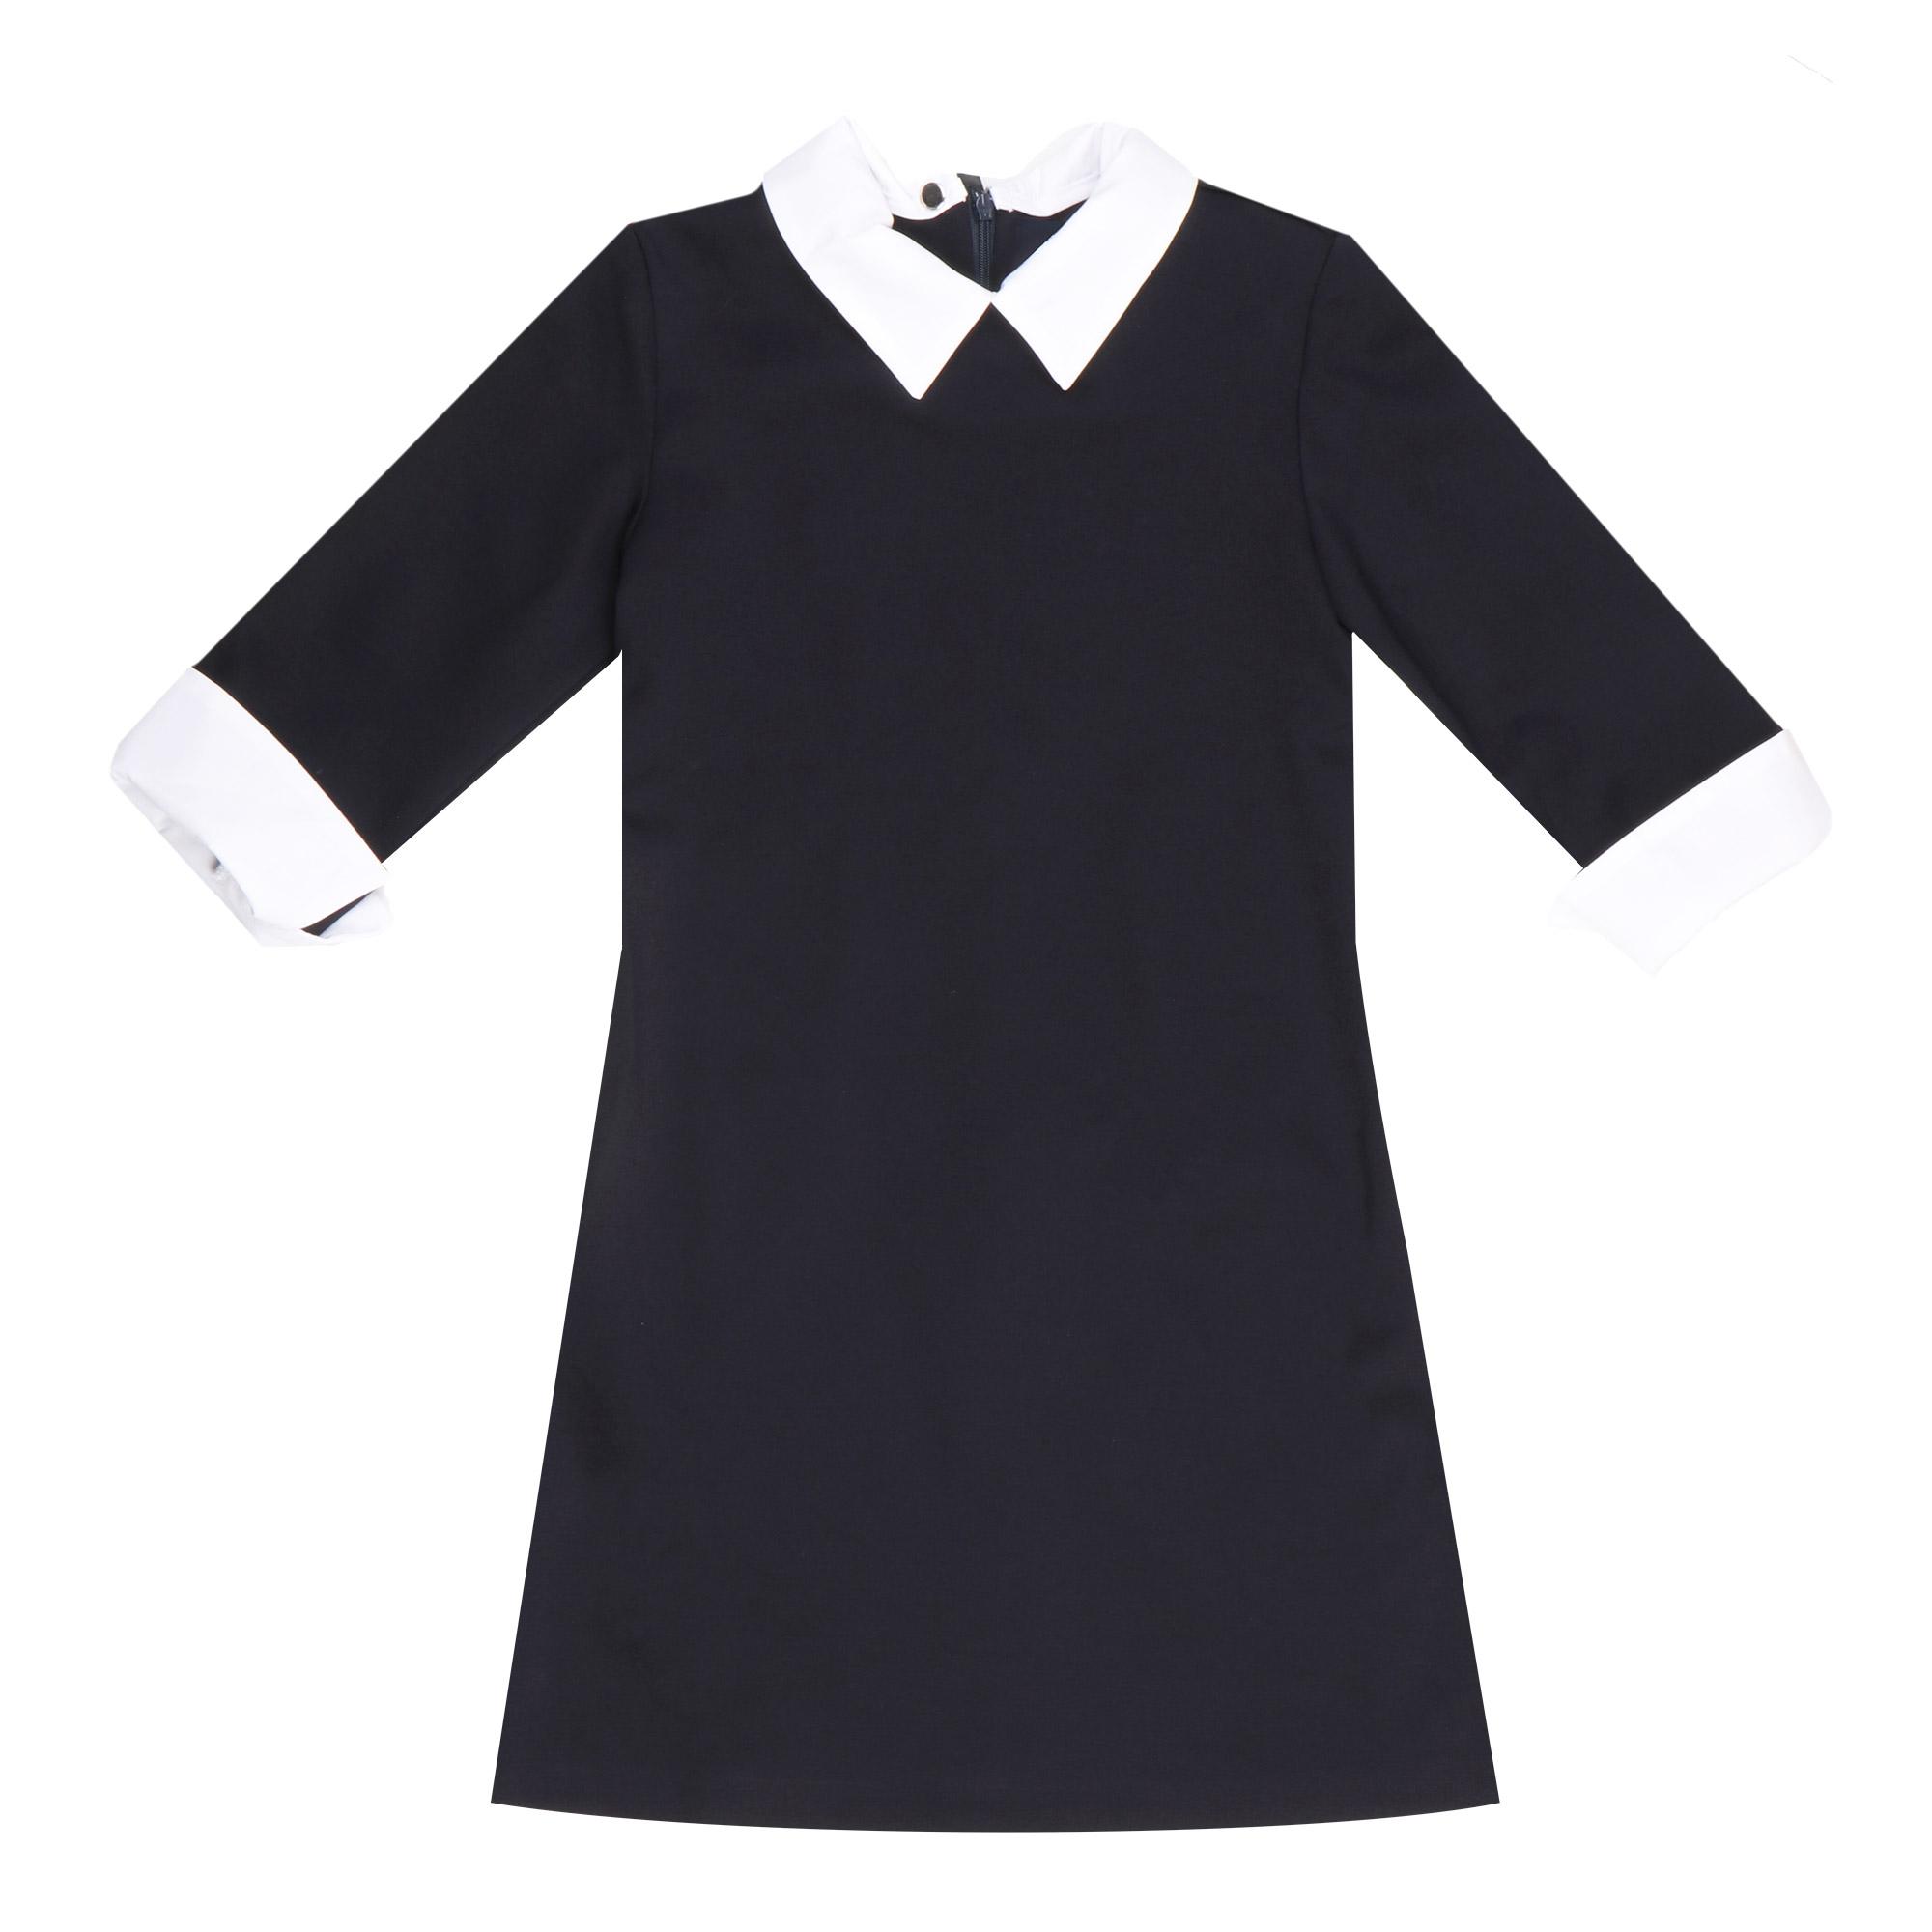 Купить Платье трикотажное Смена синее 140/68, Smena/Смена, Синий, Основной материал: Вискоза-67%, Полиэстер-28%, Полиуретан-5% Дополнительный материал: Хлопок-55%, Полиэстер-45%, Для девочек, Всесезонный,